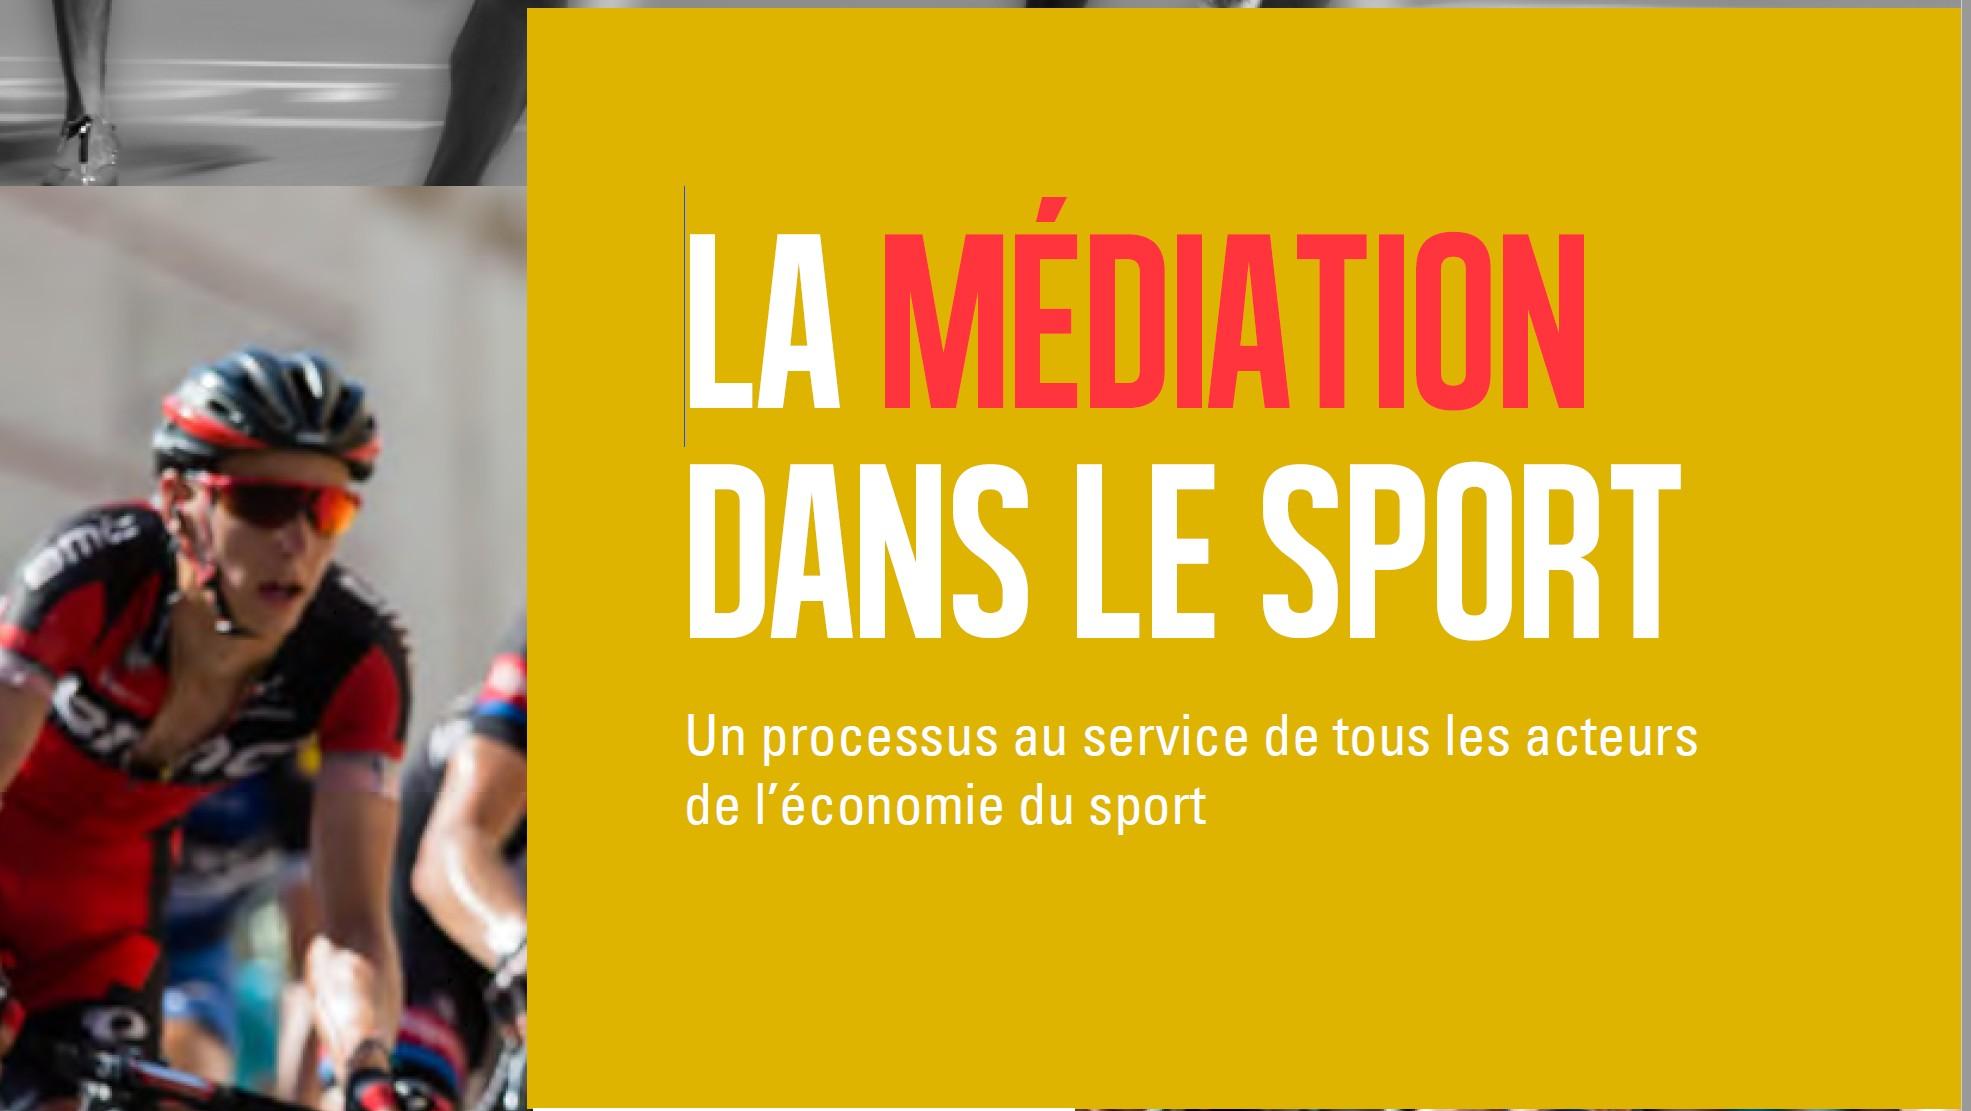 PADEL – Règlement amiable des litiges : un sport sans contacts